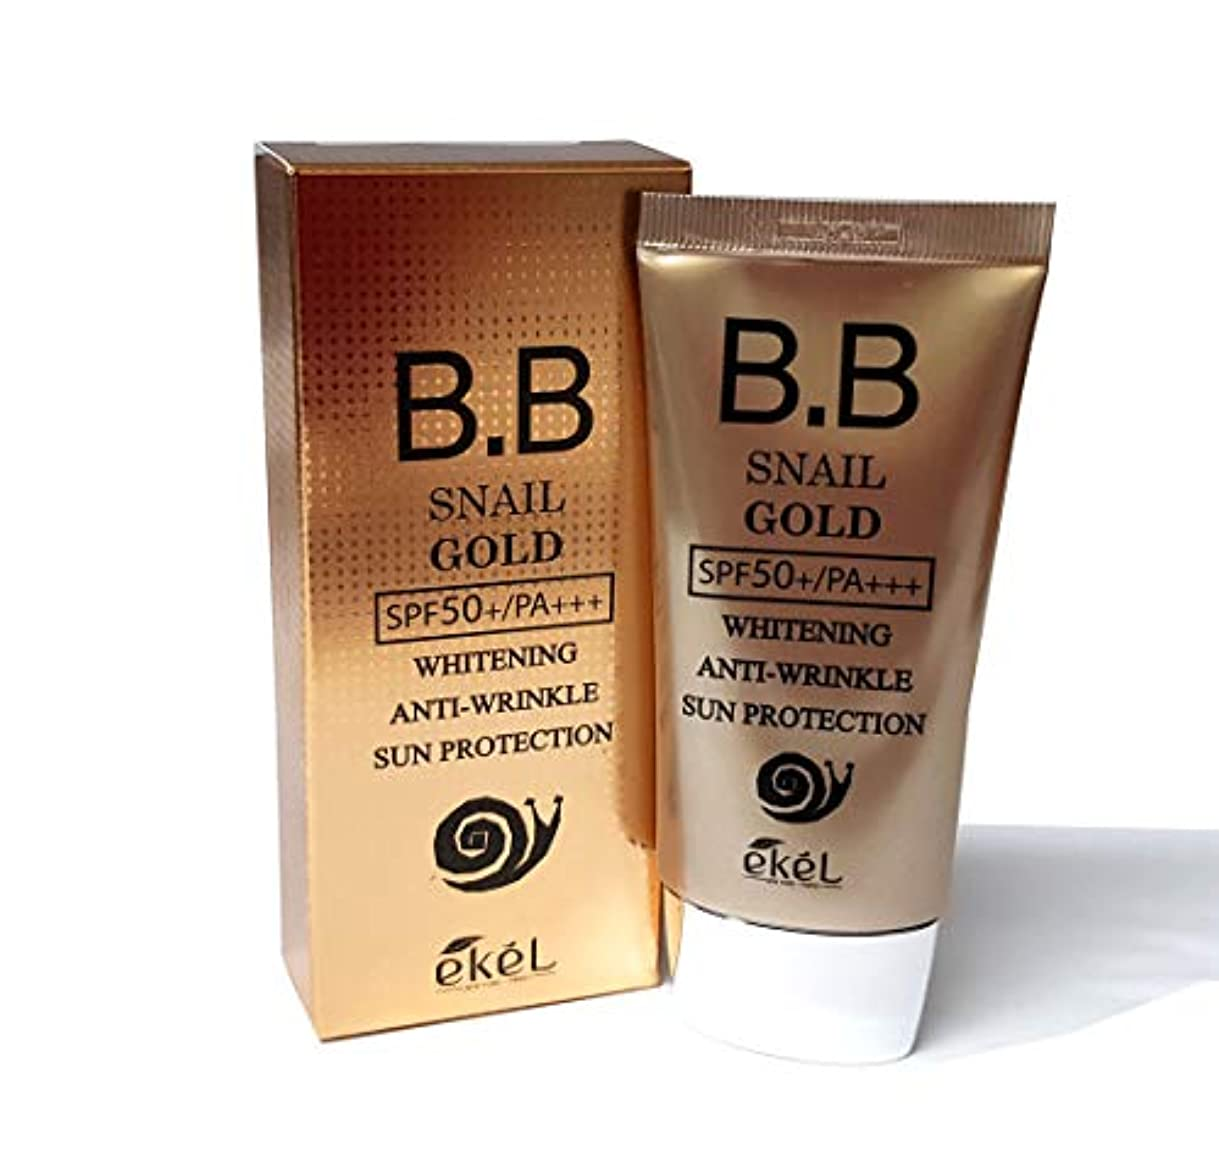 流体海賊ビルダー[Ekel] カタツムリゴールドBB 50ml SPF50 + PA +++ / Snail Gold BB 50ml SPF50+PA+++ /ホワイトニング、UVカット/Whitening,UV protection/韓国化粧品/Korean Cosmetics [並行輸入品]